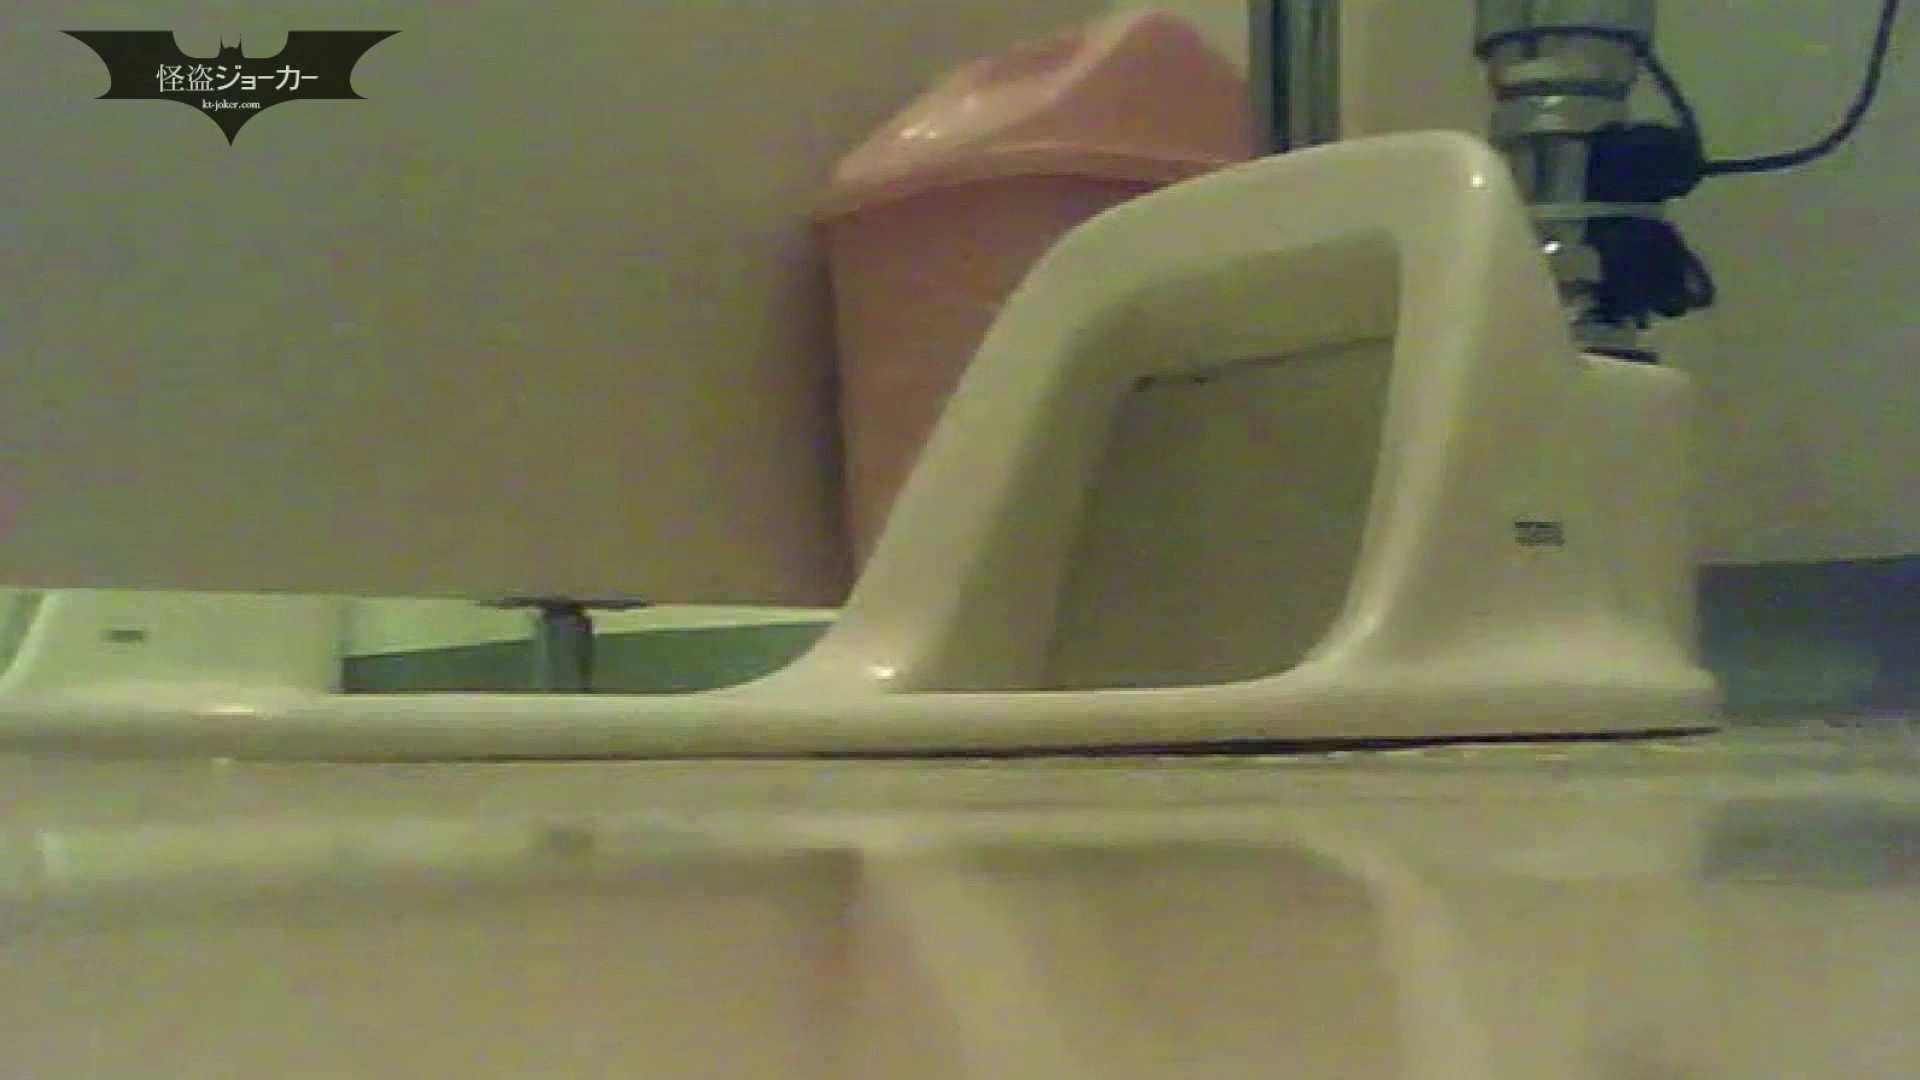 夏の思い出浜辺トイレ盗撮Vol.09 むっちり ヌード画像 95画像 78